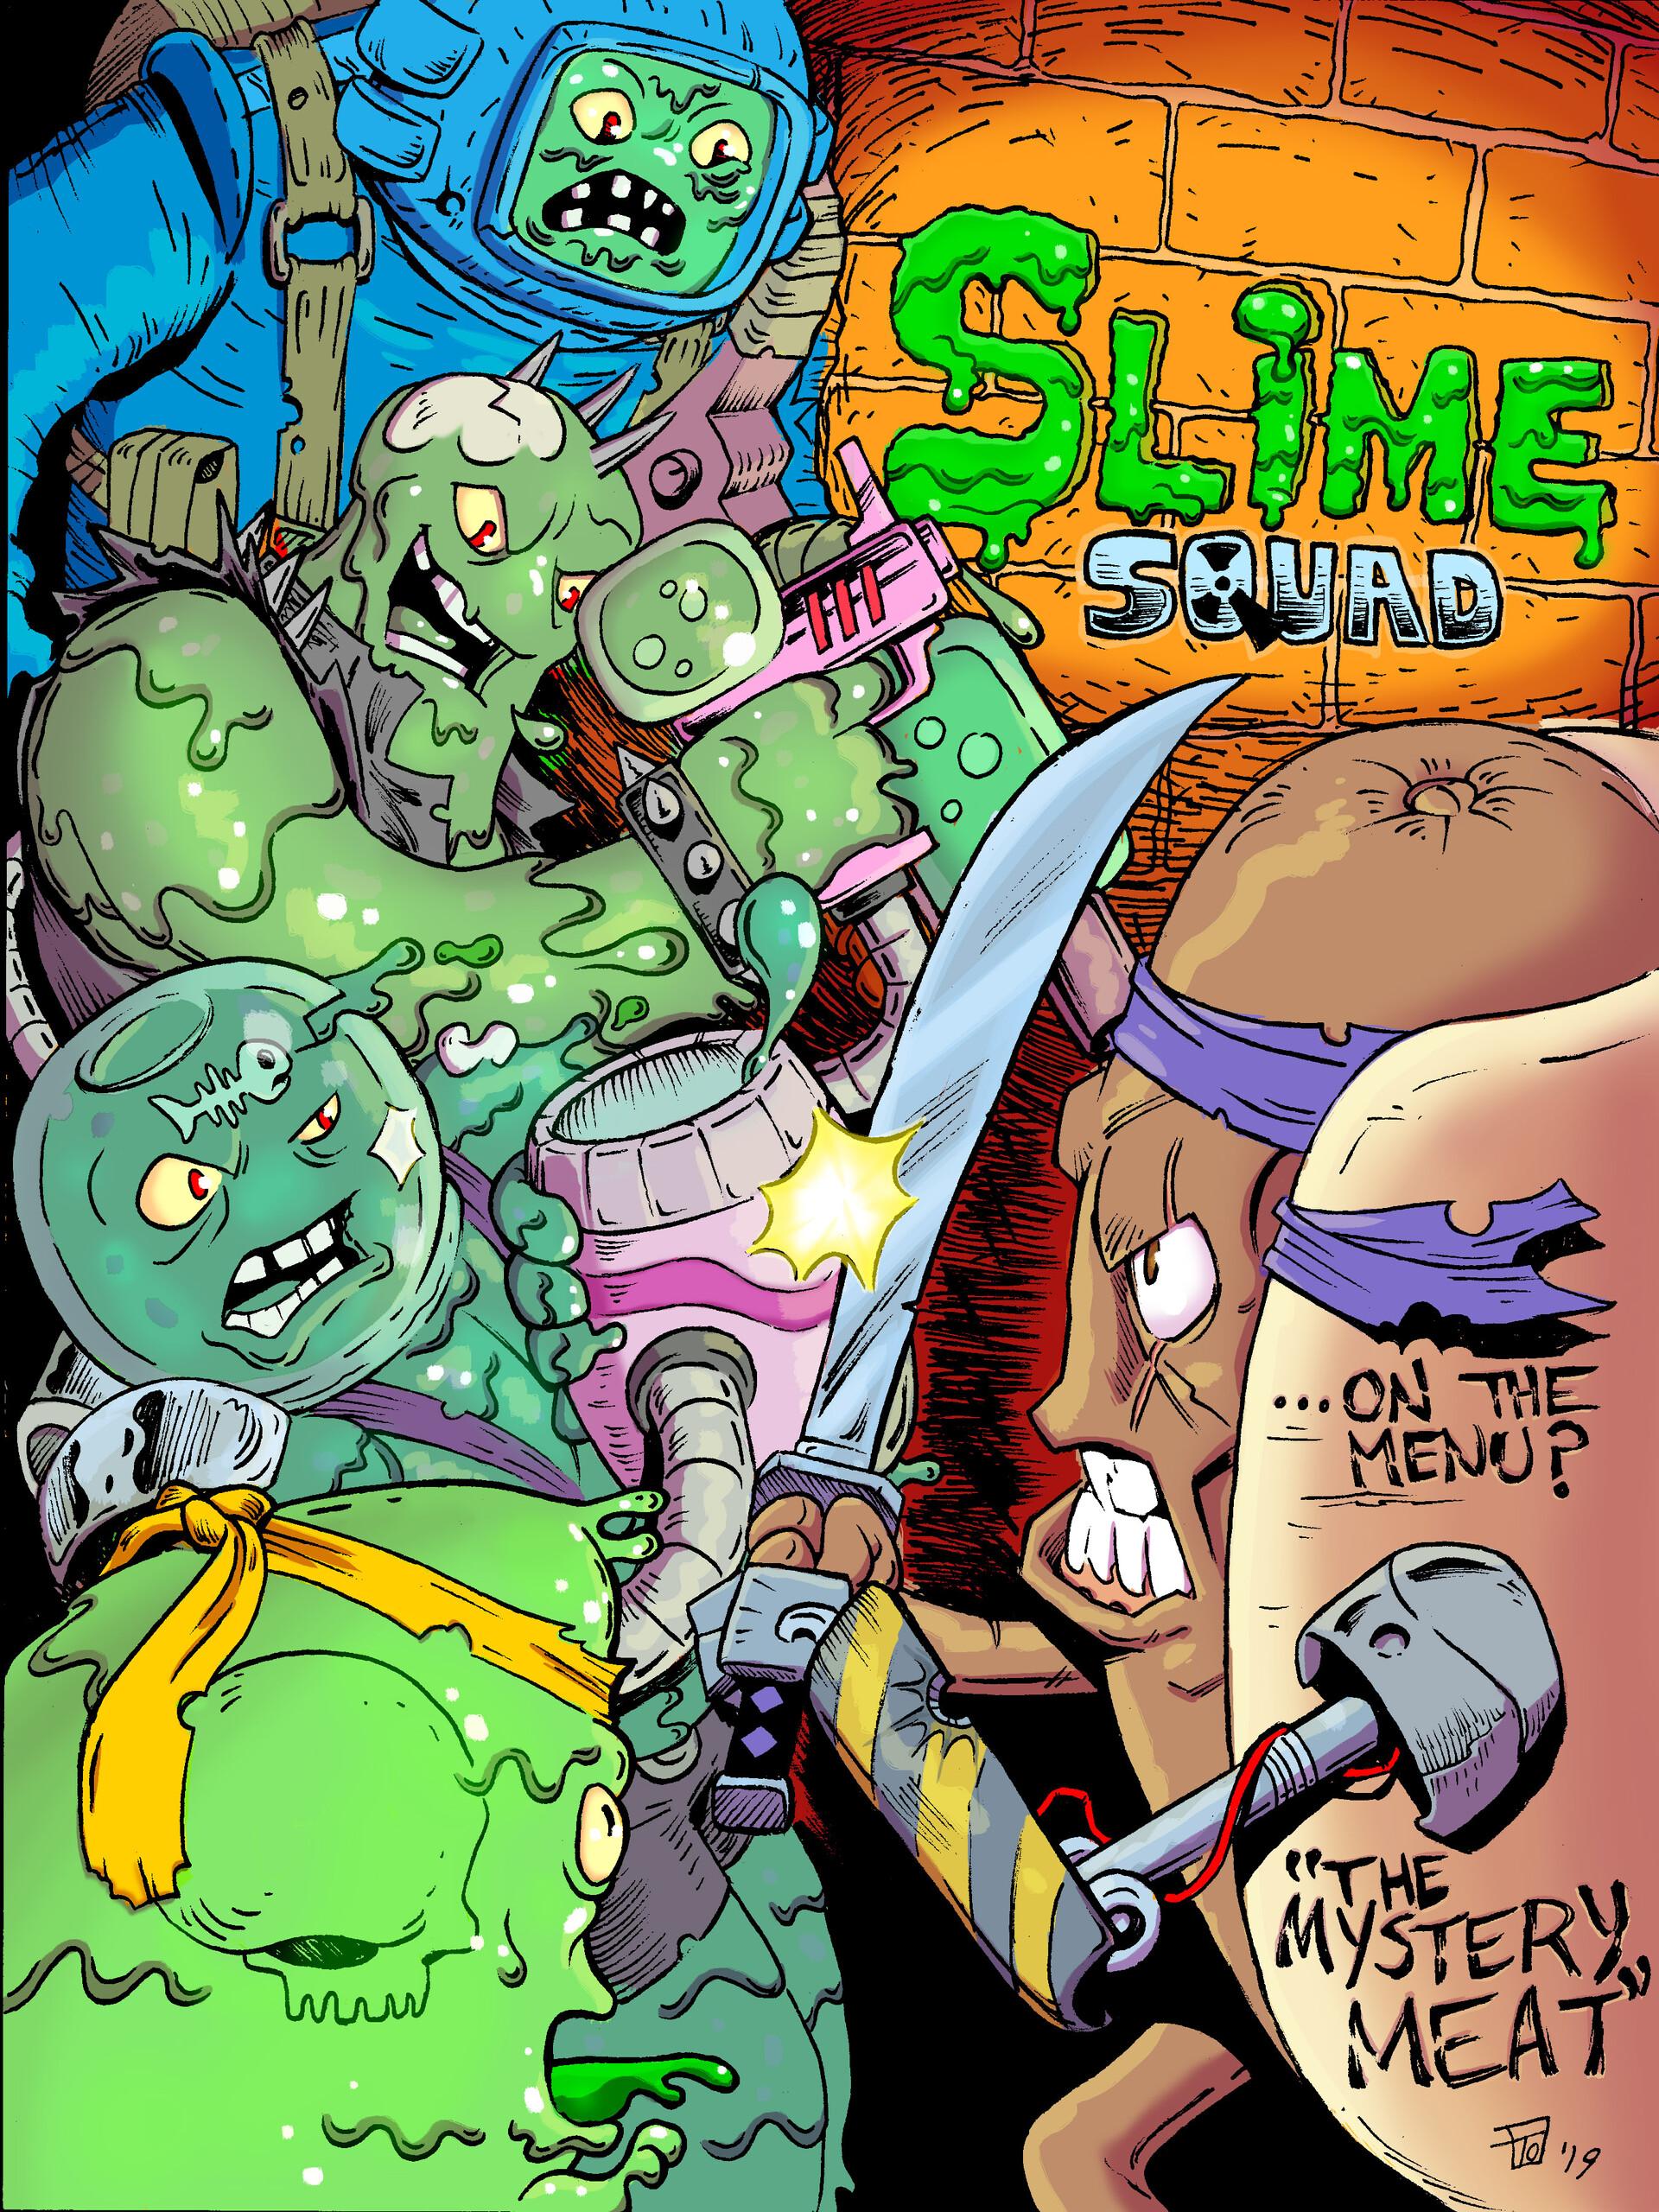 Thomas o halloren slime squx